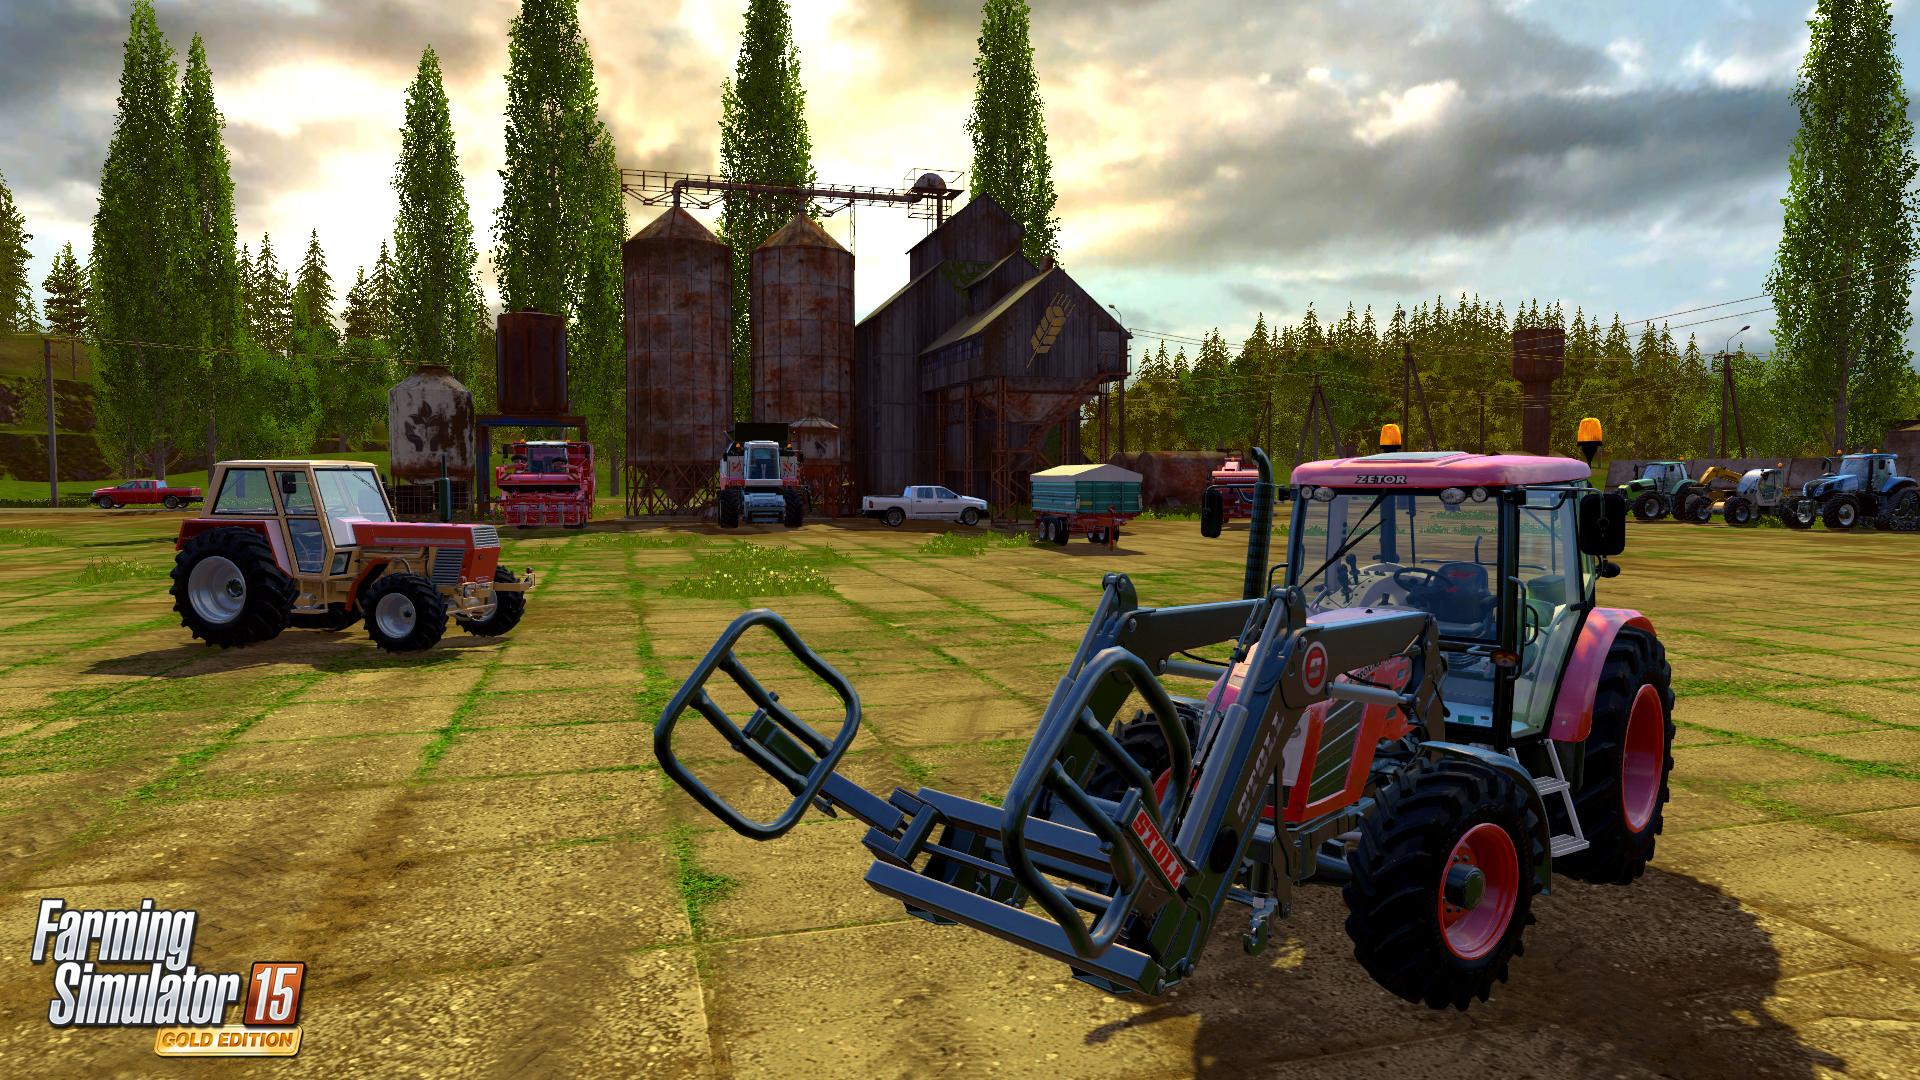 Come scaricare farming simulator 2015 gold edition